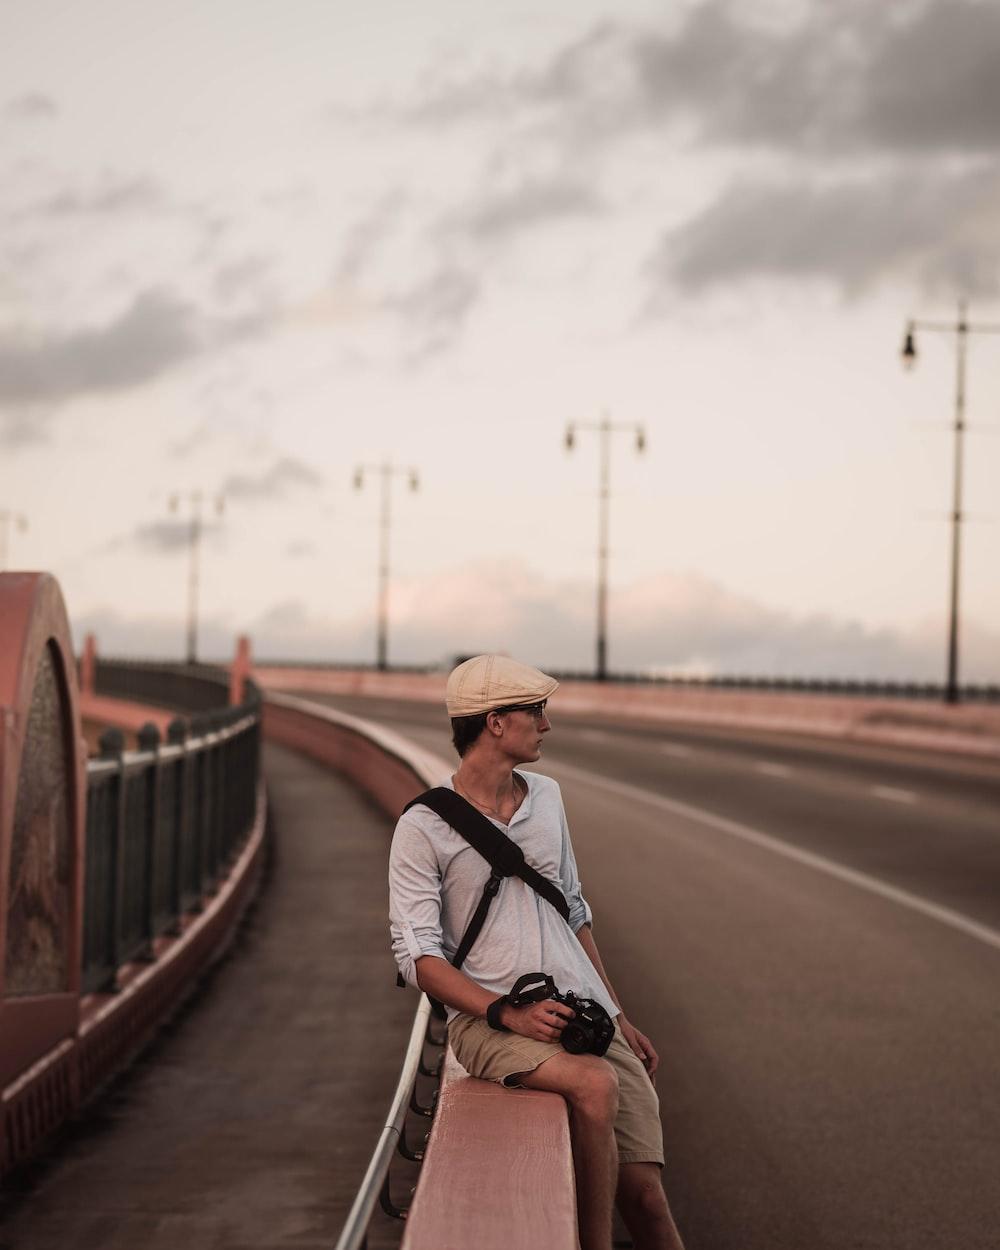 man wearing grey polo shirt sitting on road railings during daytime